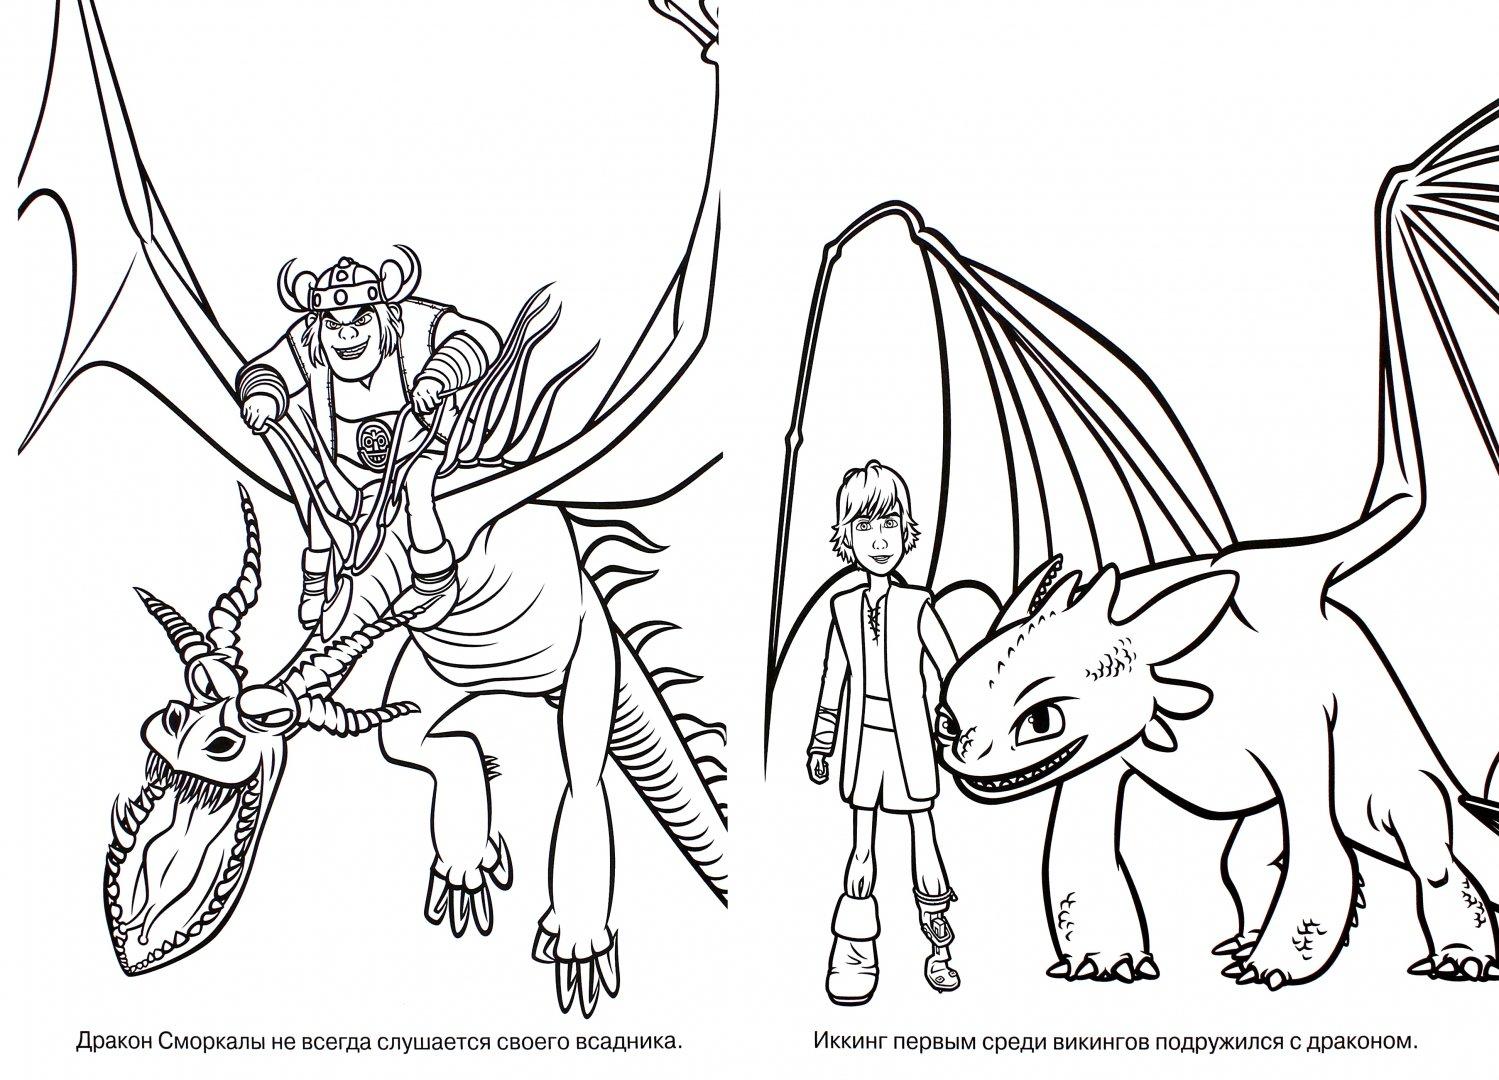 Картинки по клеточкам драконы и всадники олуха